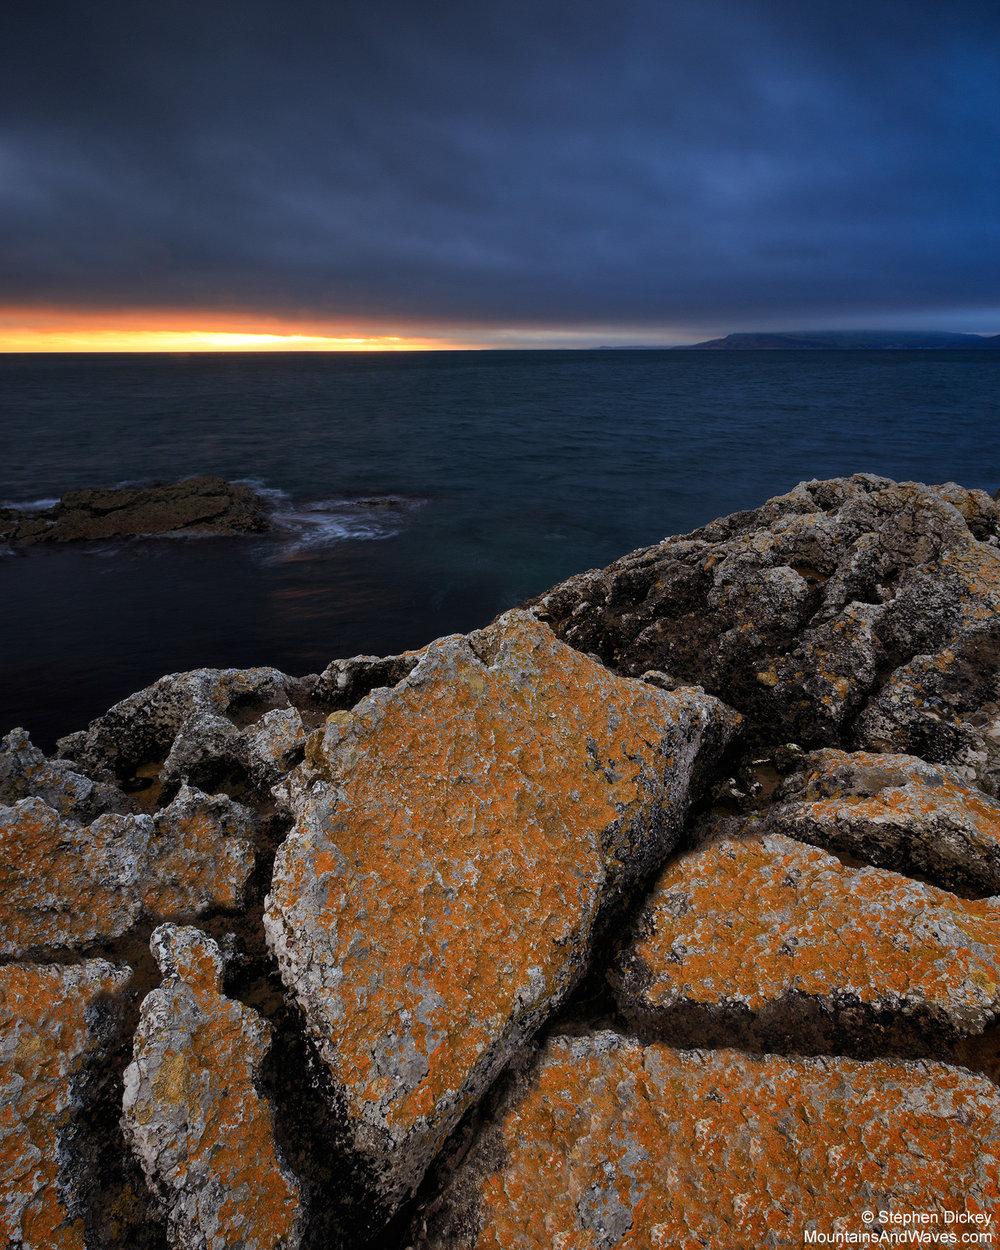 Garron Point, Northern Ireland